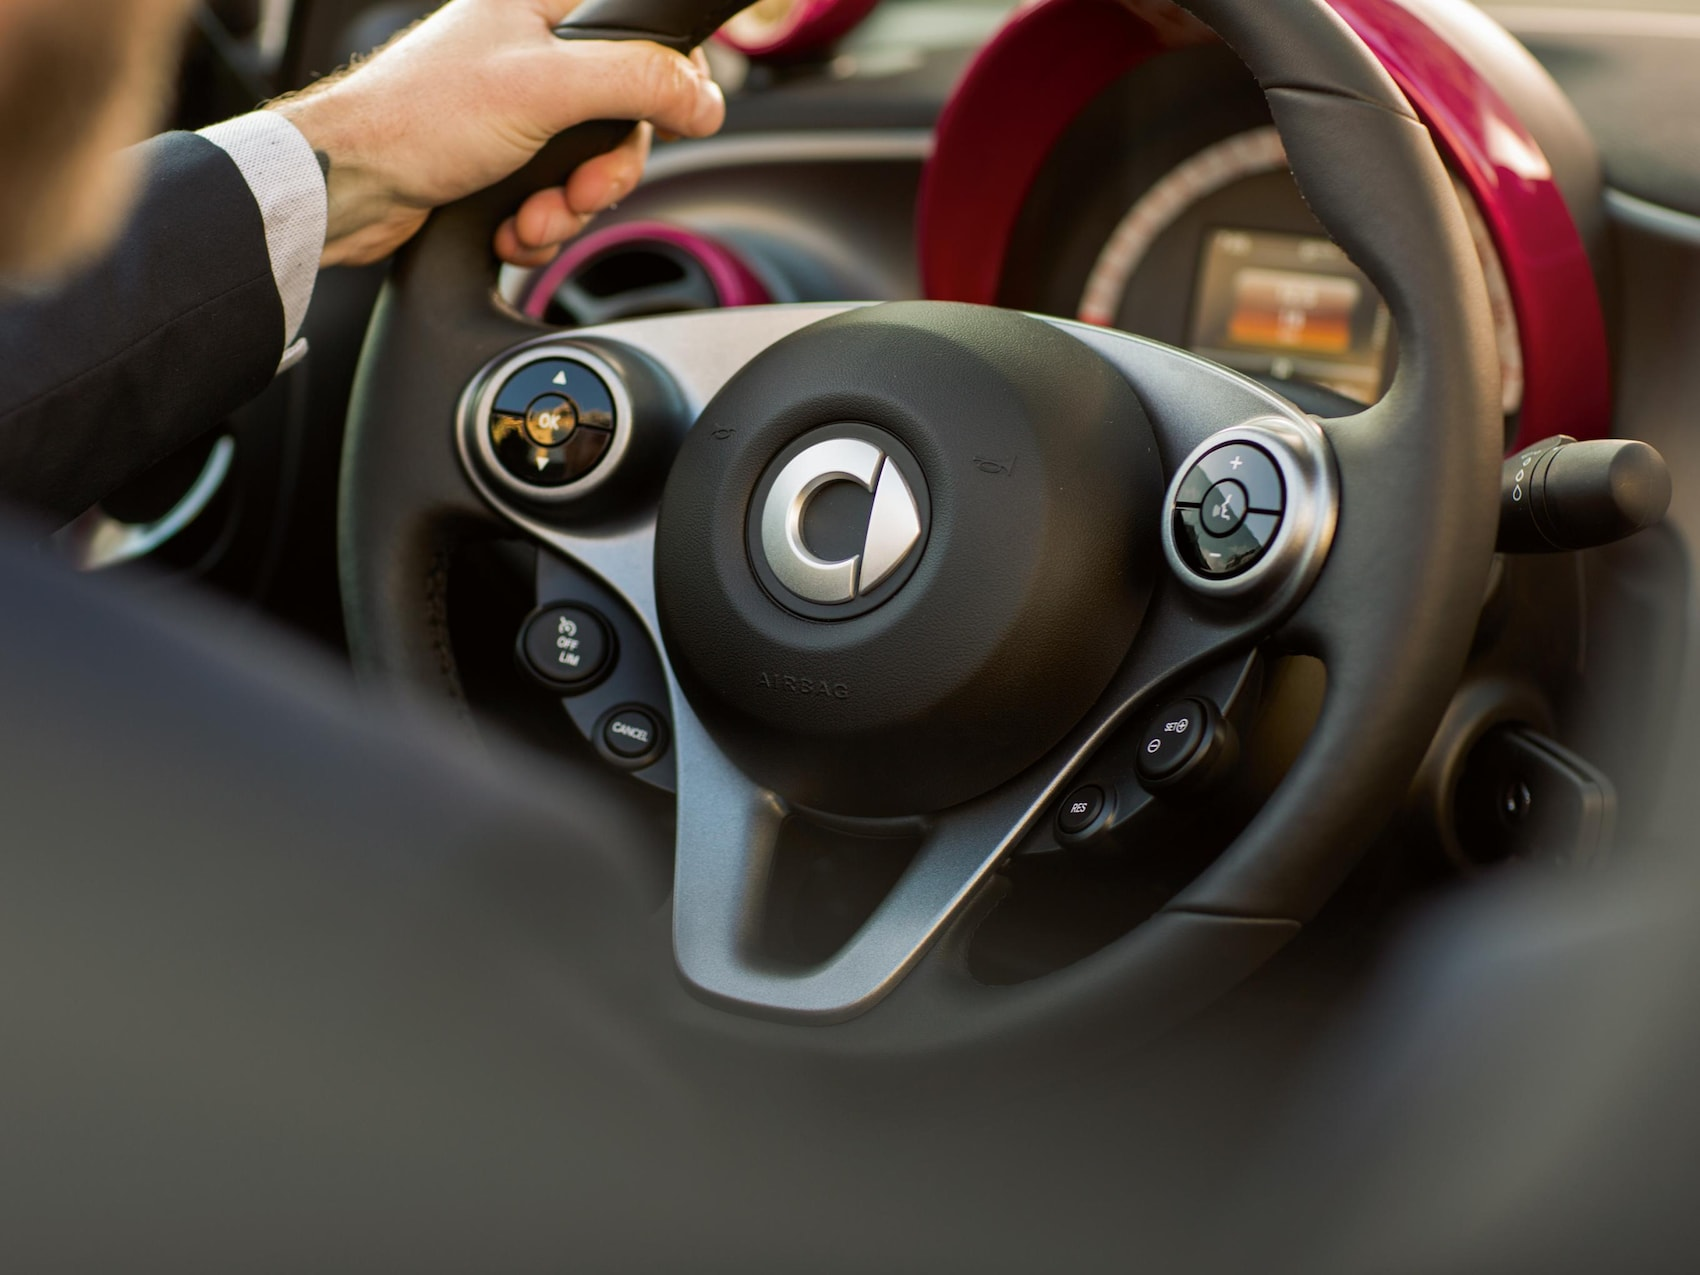 Abbildung zeigt das Automatik Schaltgetriebe des 6-Gang-Dopplungsgetrieb mit twinamic der Modelle von smart.